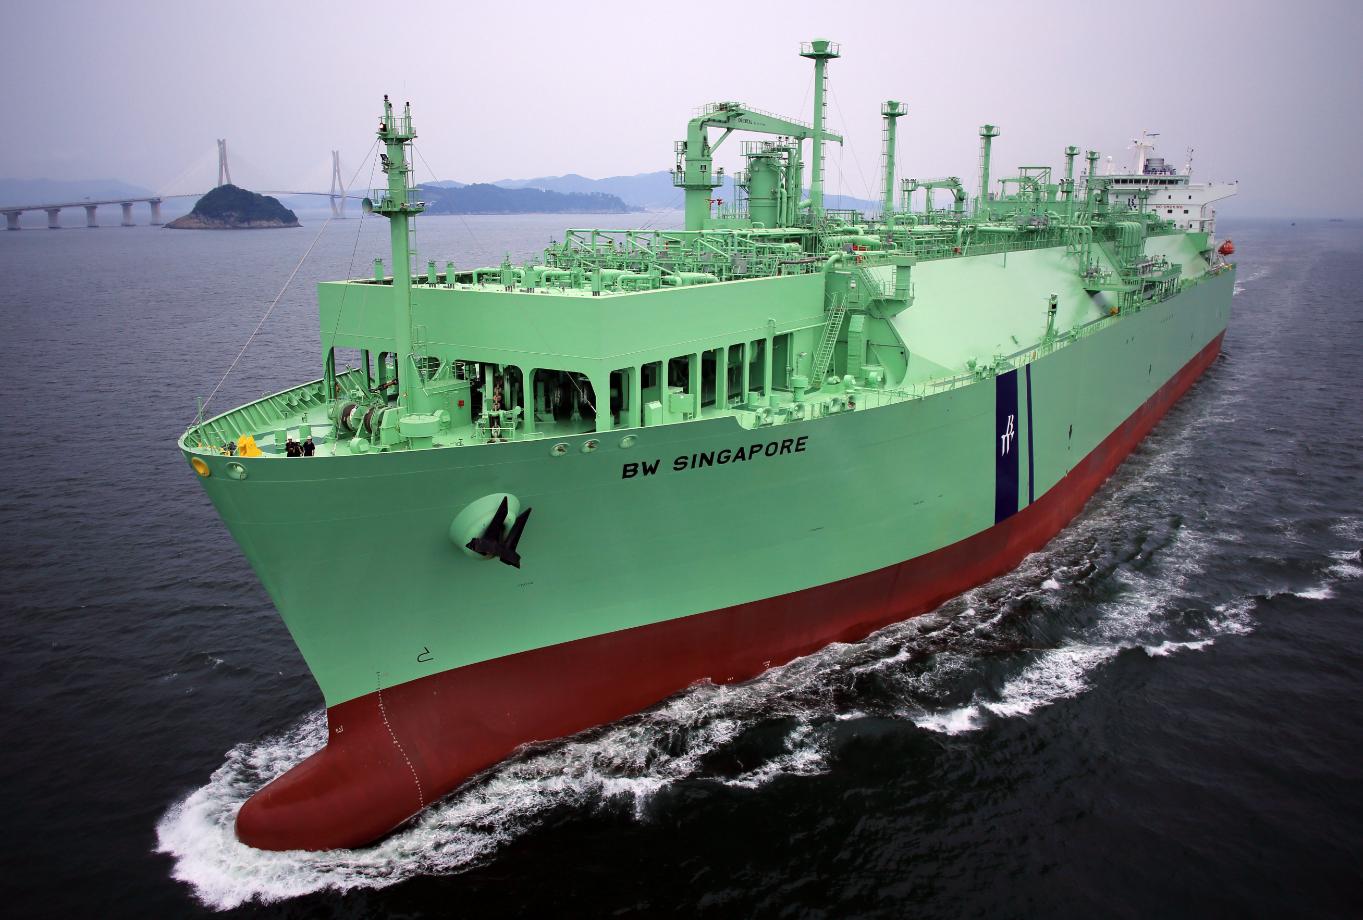 A BW LNG tanker